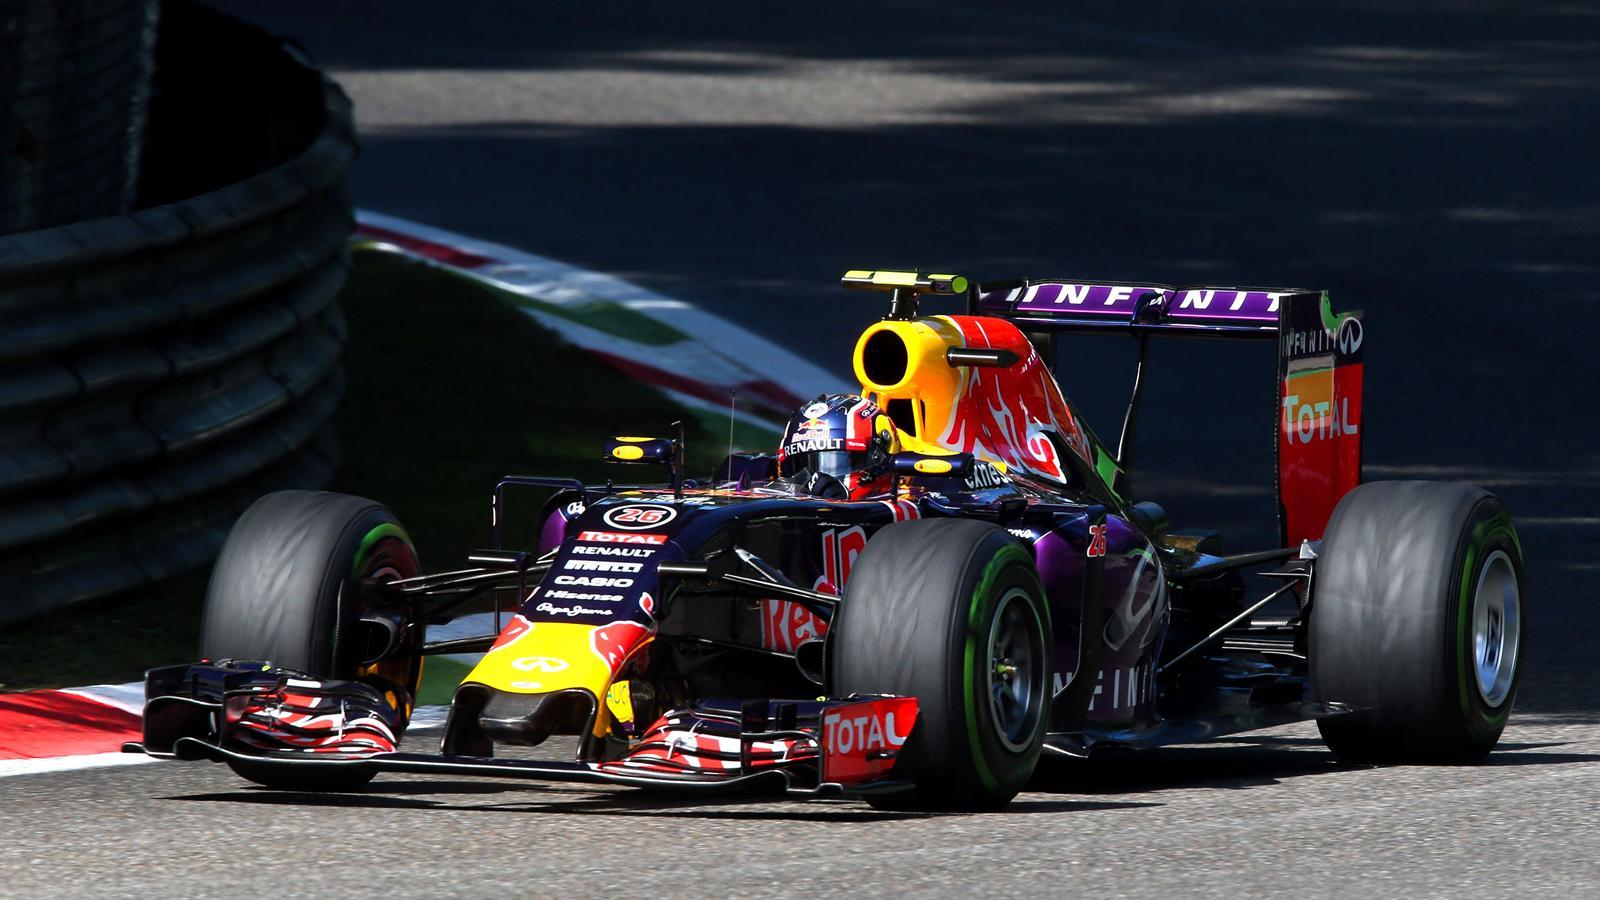 Renault reporte son volution moteur grand prix d 39 italie 2015 formule 1 eurosport - Formule vitesse de coupe ...